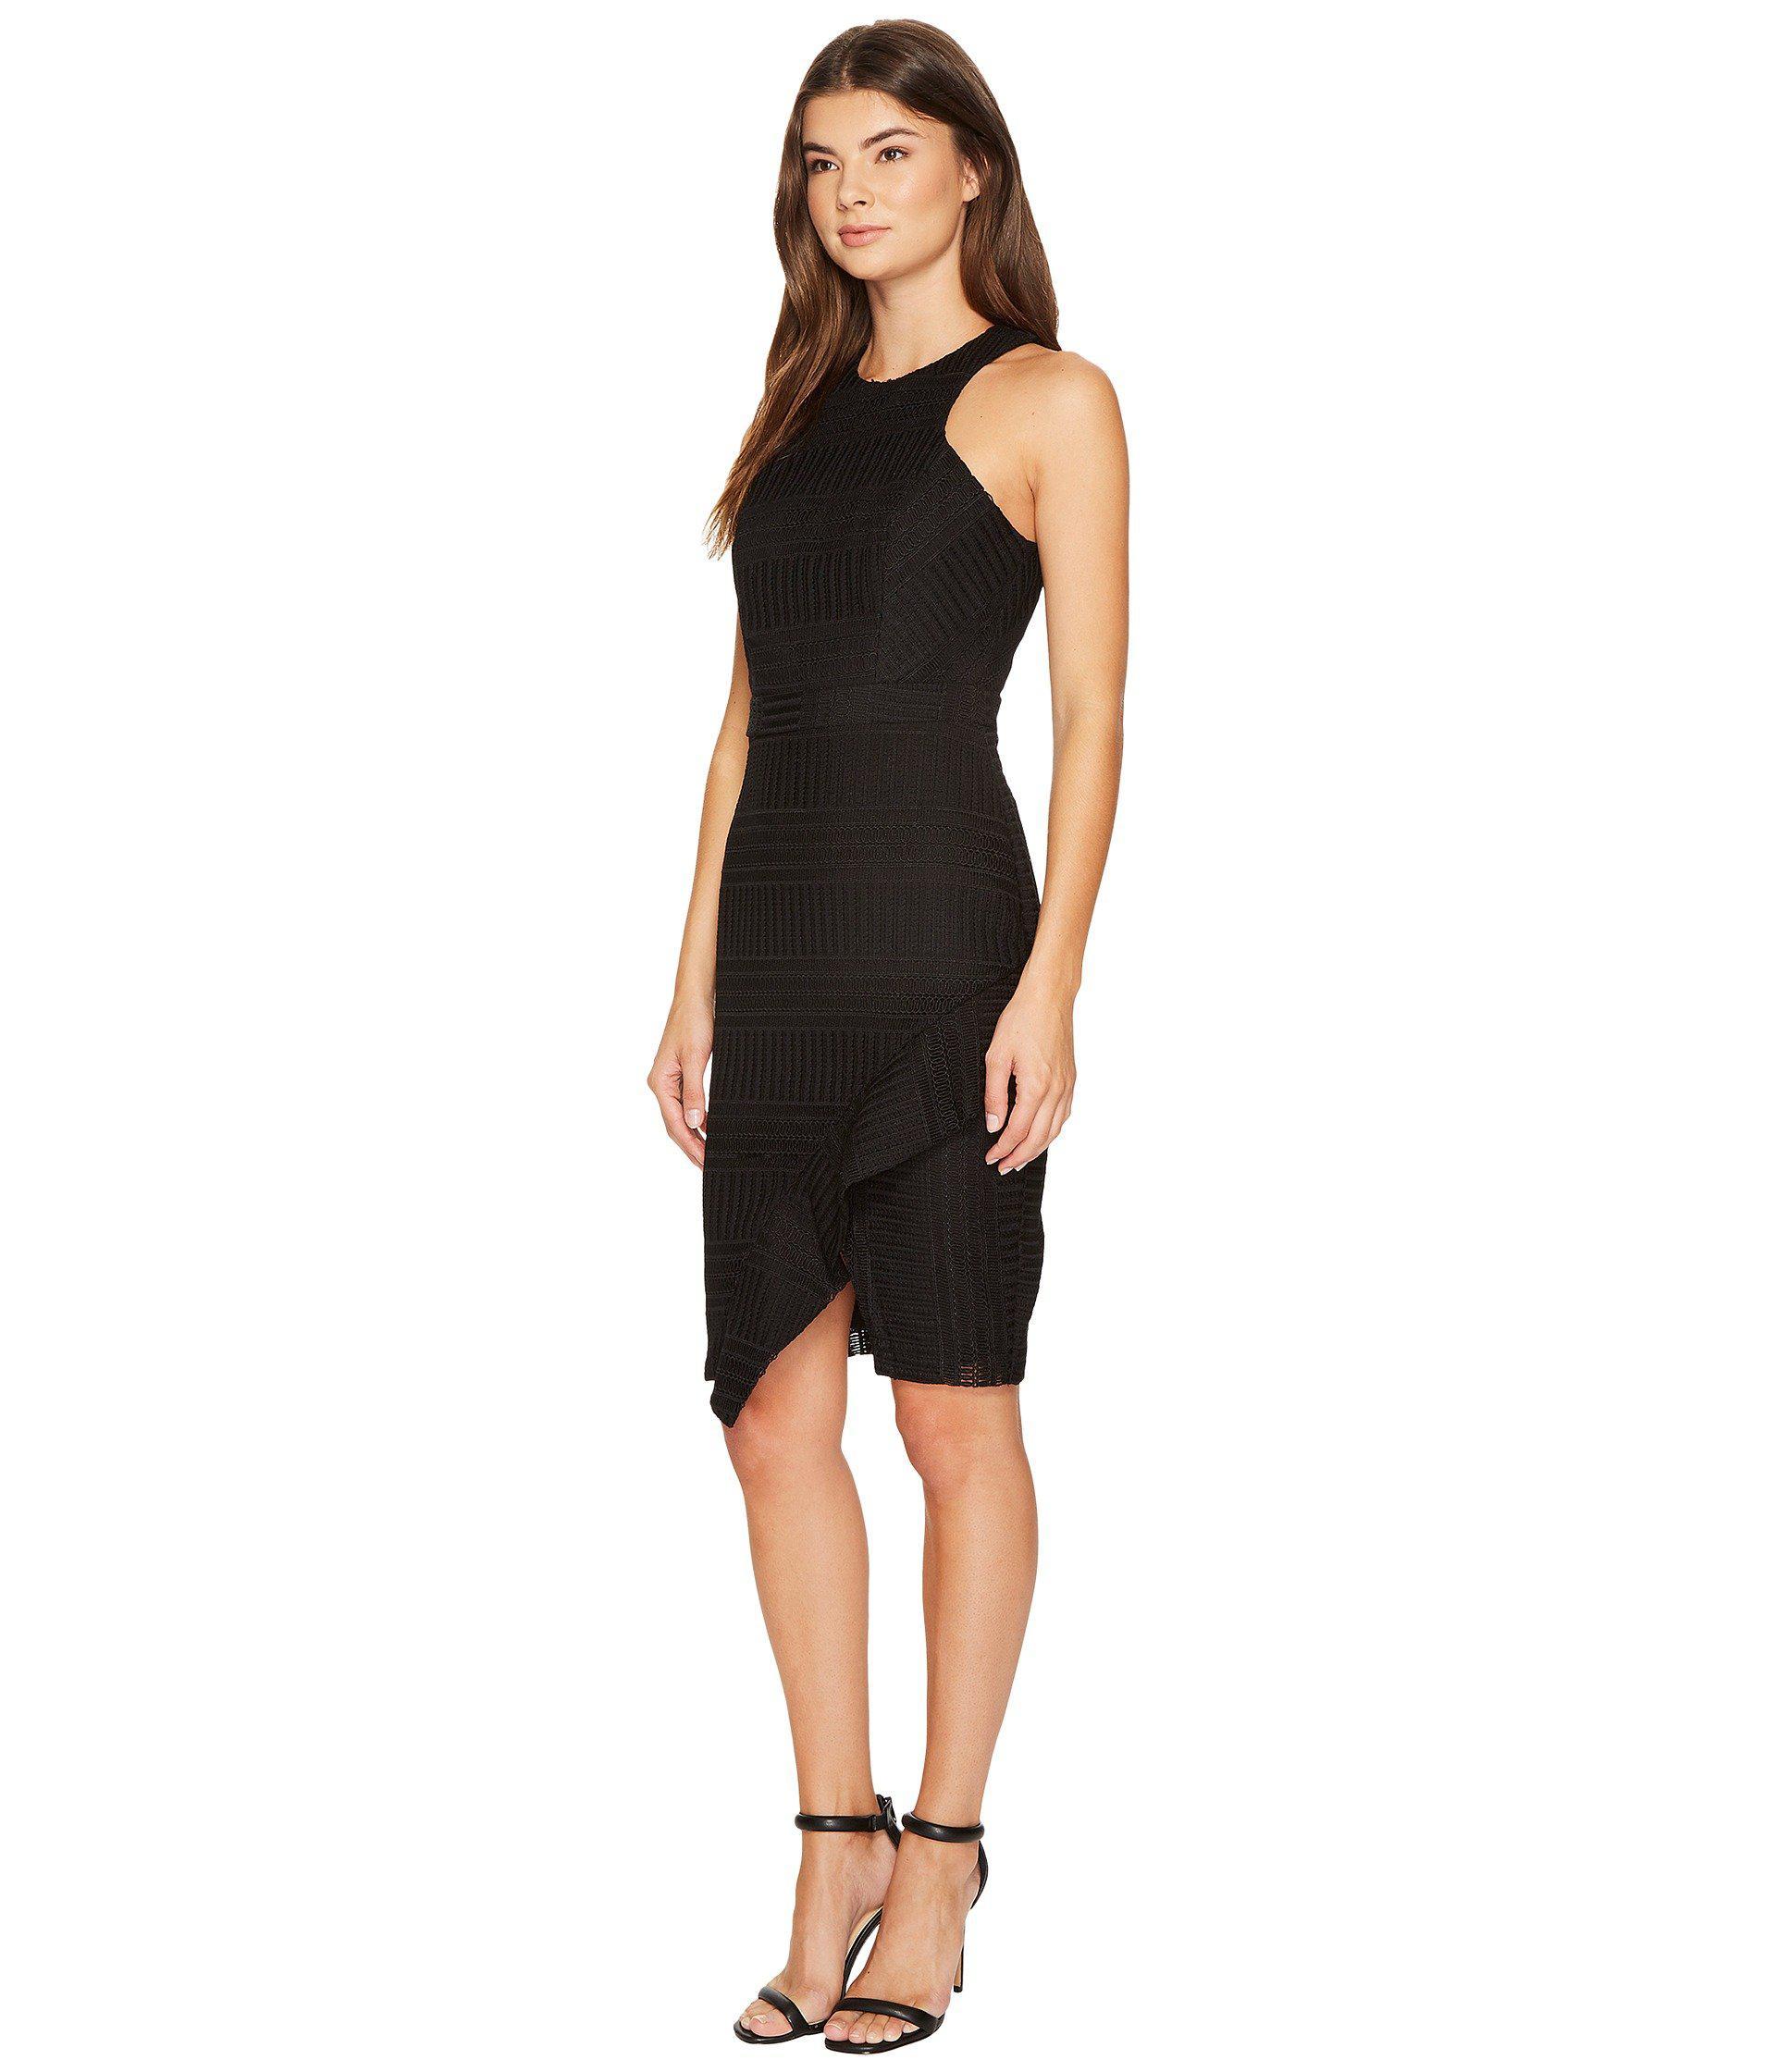 46a6526f Lyst - Adelyn Rae Bianca Sheath Dress in Black